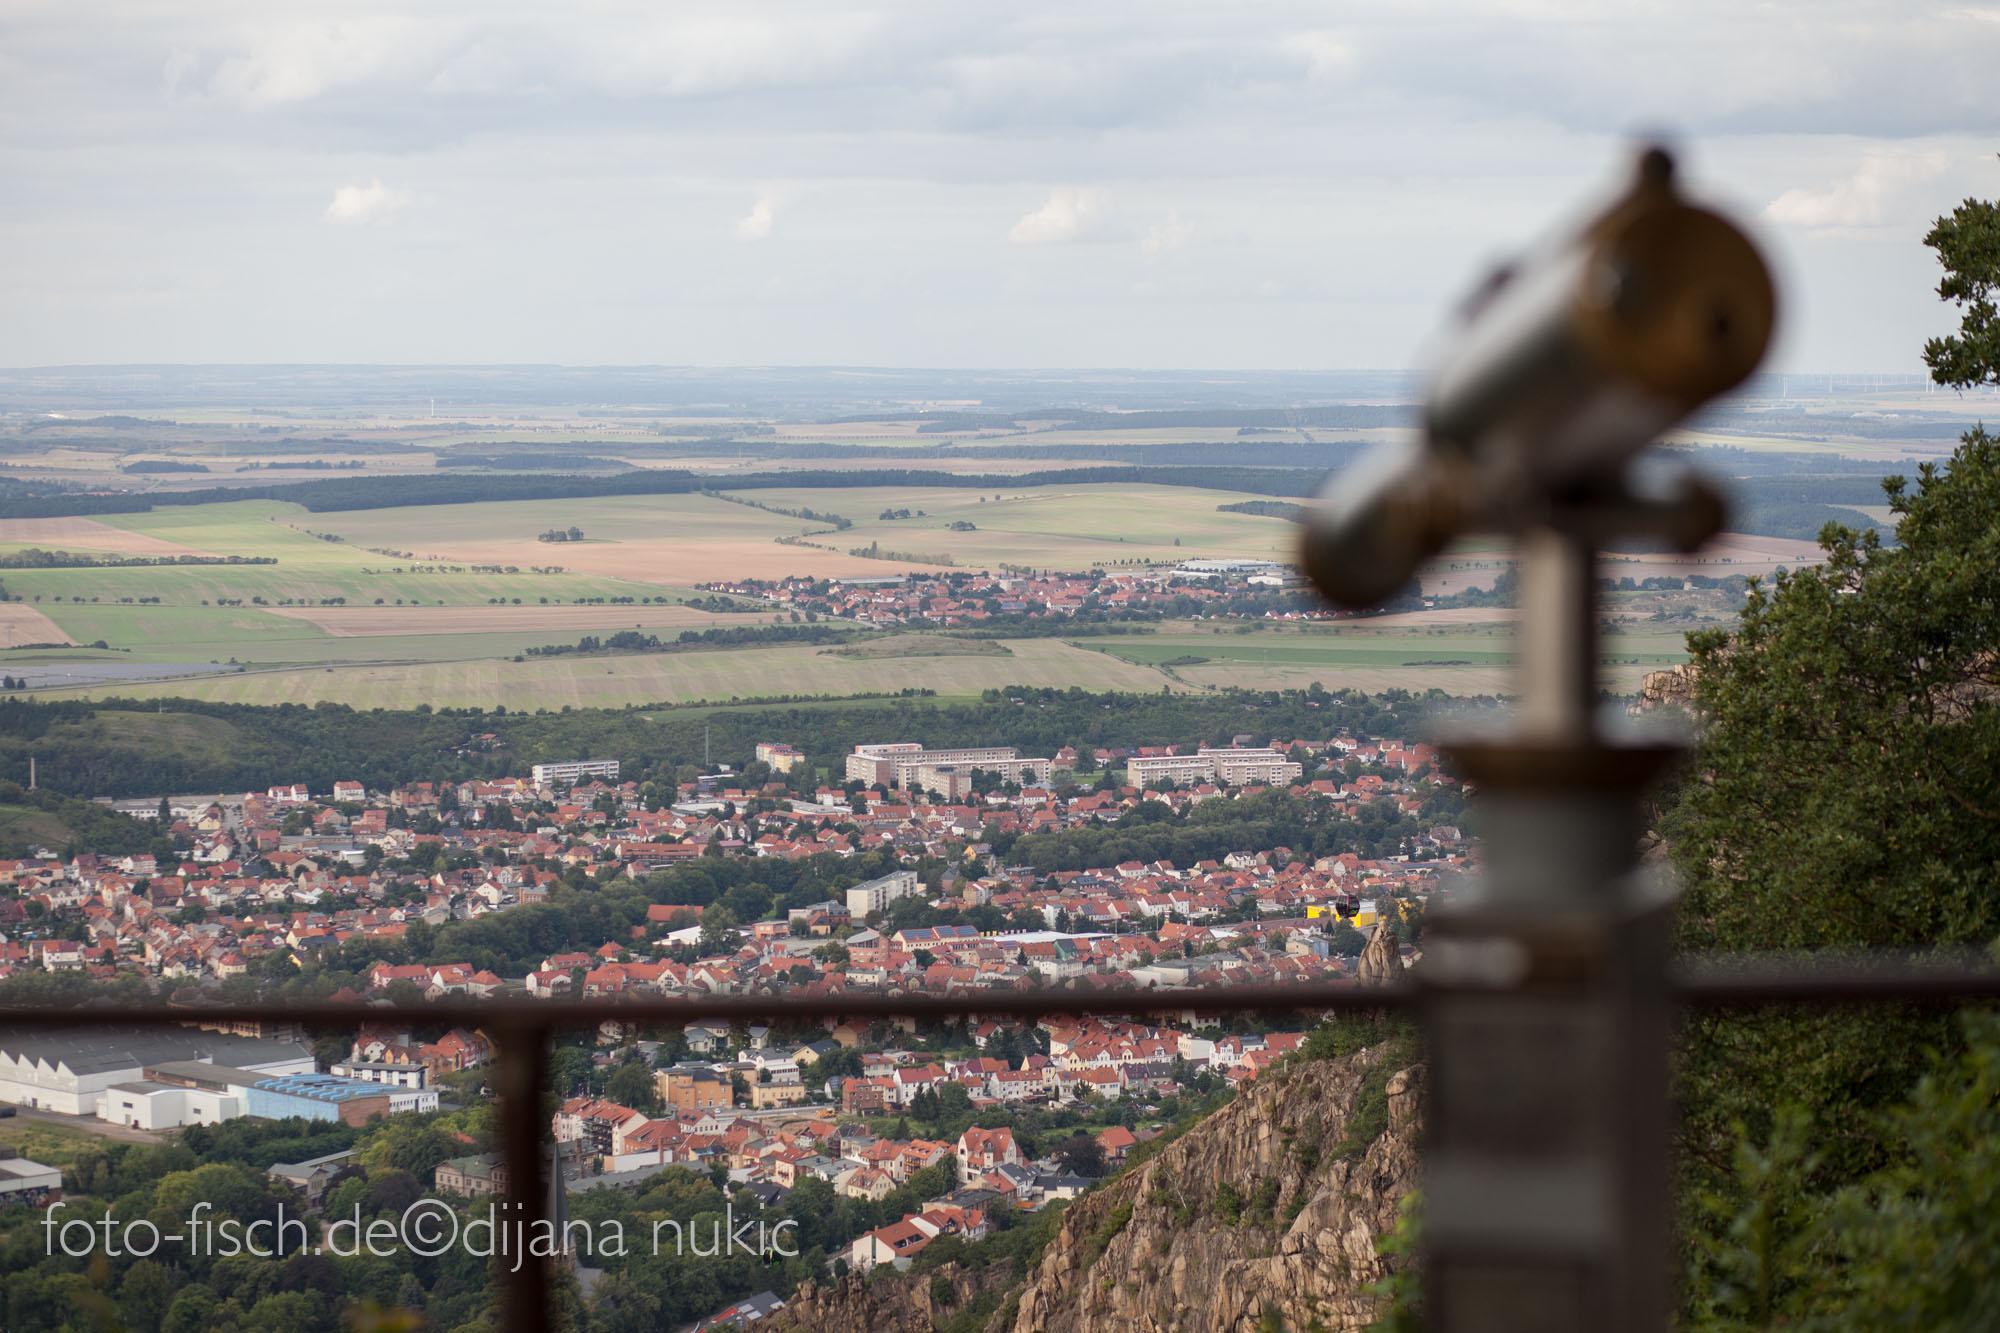 Foto von Fernglas im unscharf im Vordergrund, der Ort Thale scharf im Hintergrund